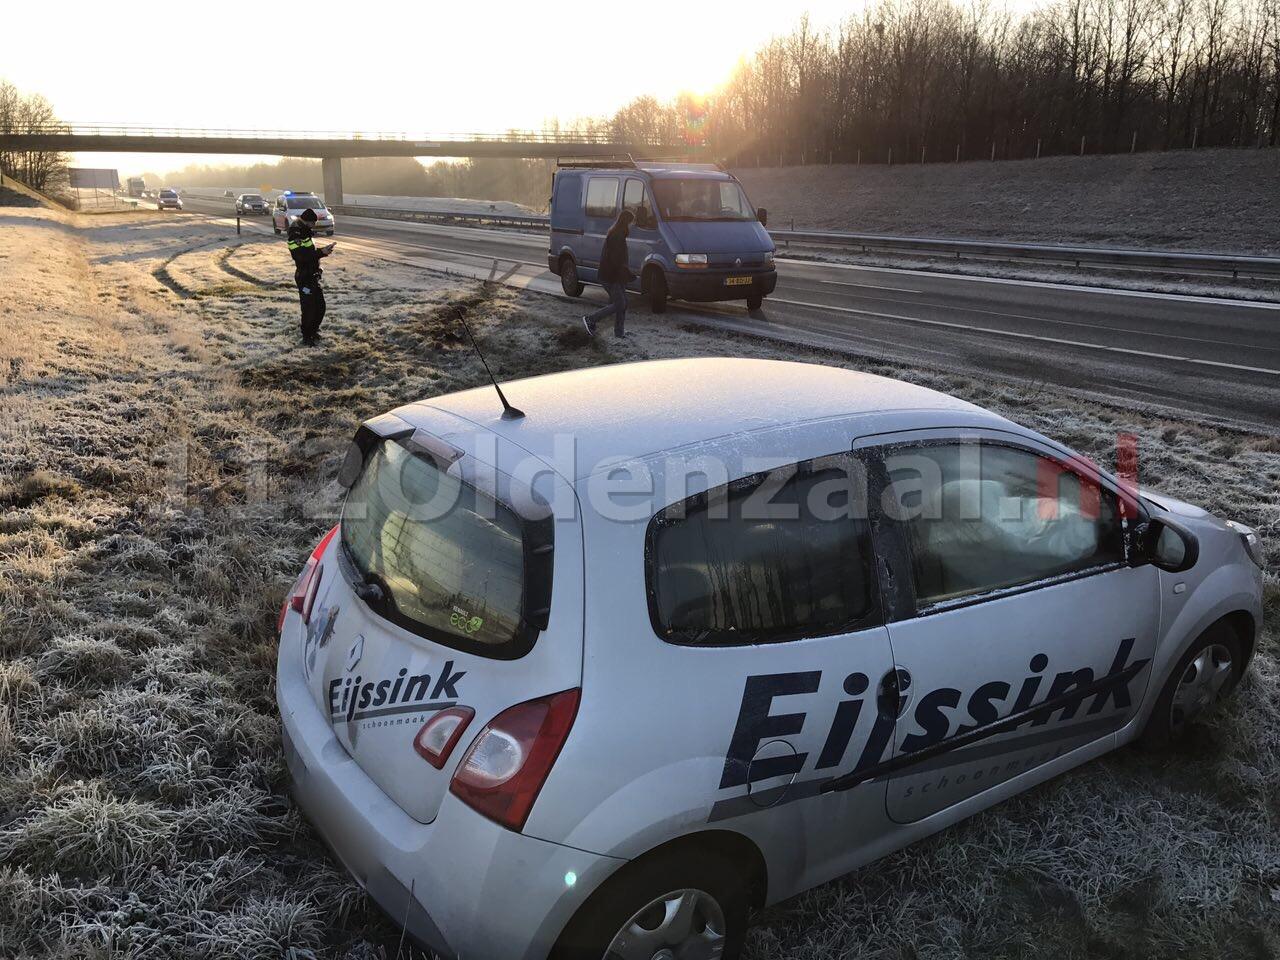 Foto 4: Chaos op A1 bij Oldenzaal, meerdere ongevallen door gladheid